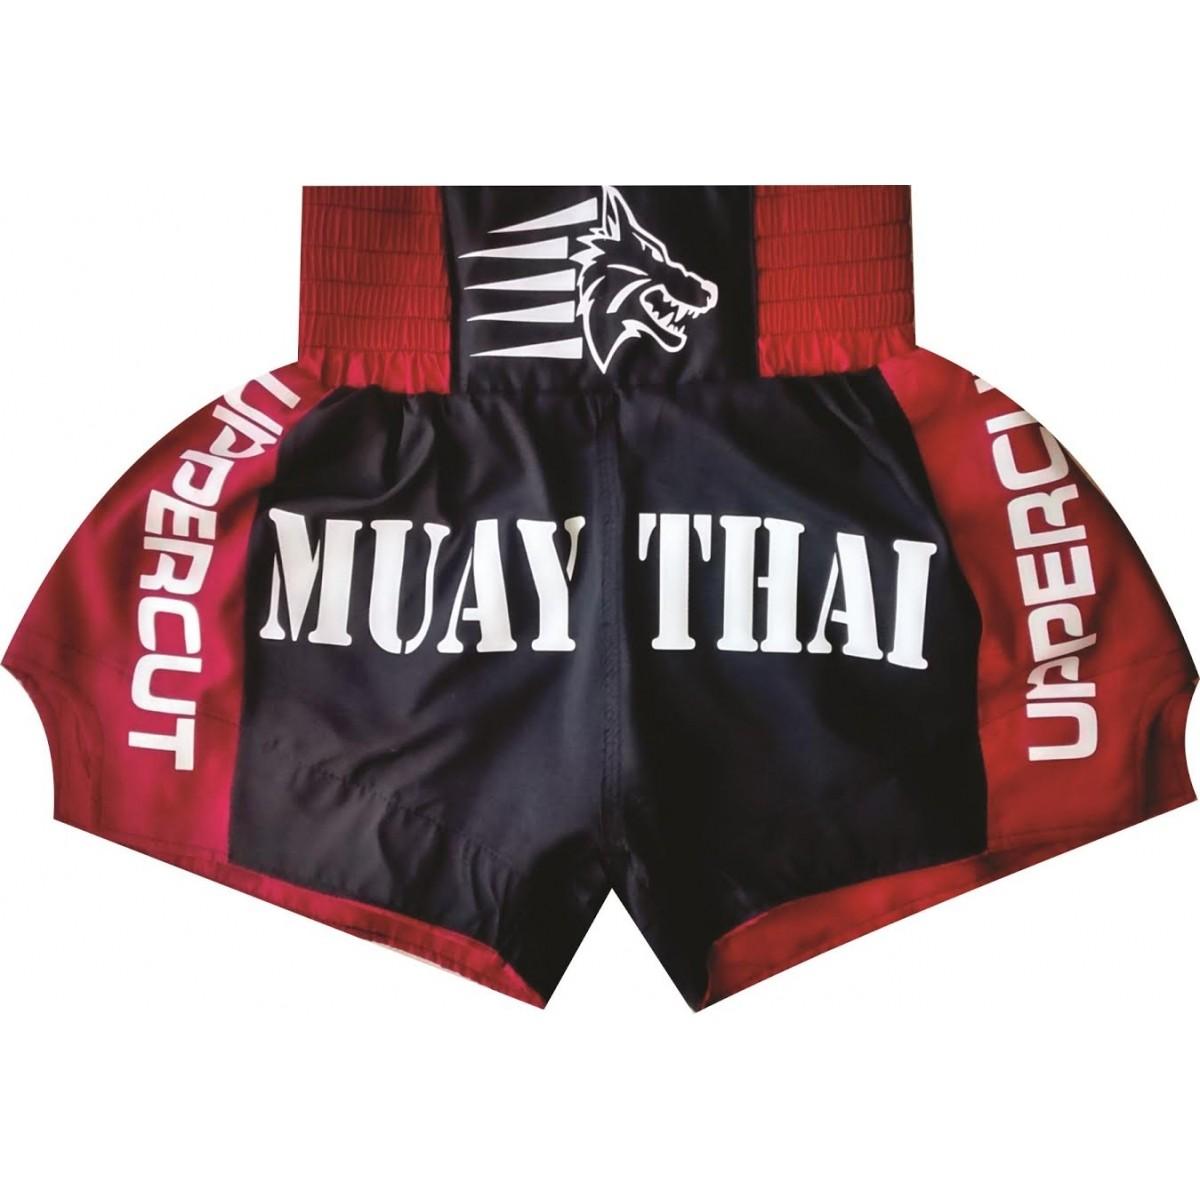 Calção / Short Muay Thai - Premium - Vermelho/Preto- Uppercut